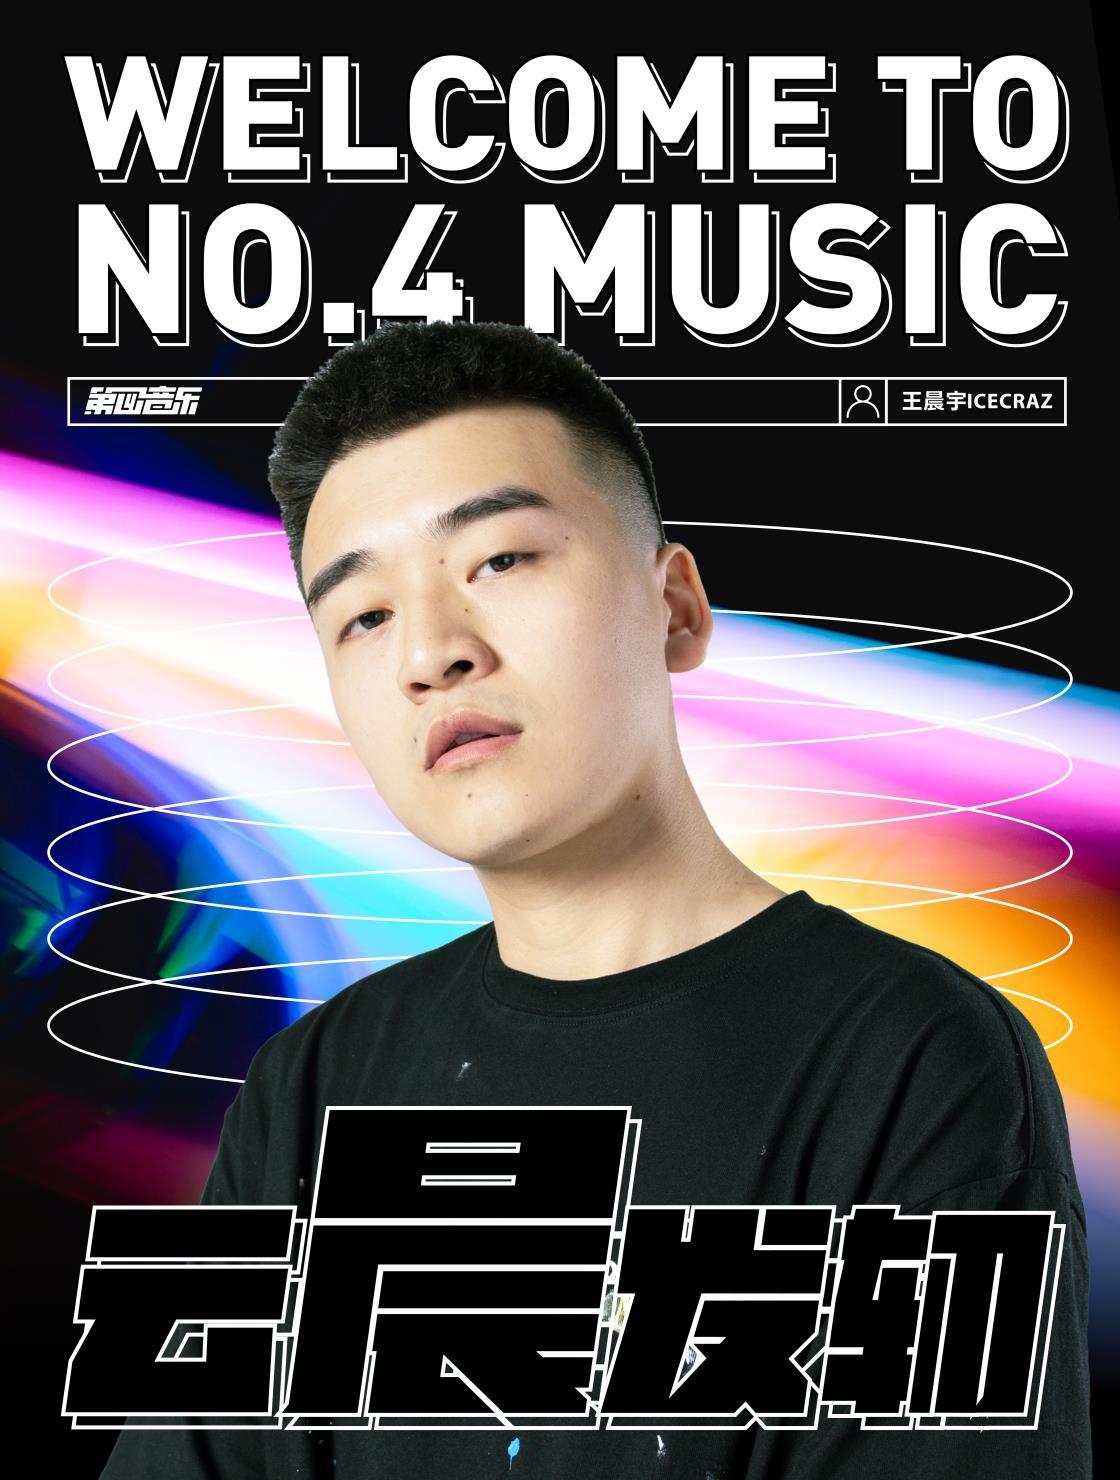 王晨宇IceCraz正式加入第四音乐 金秋双节赛事活动不停歇